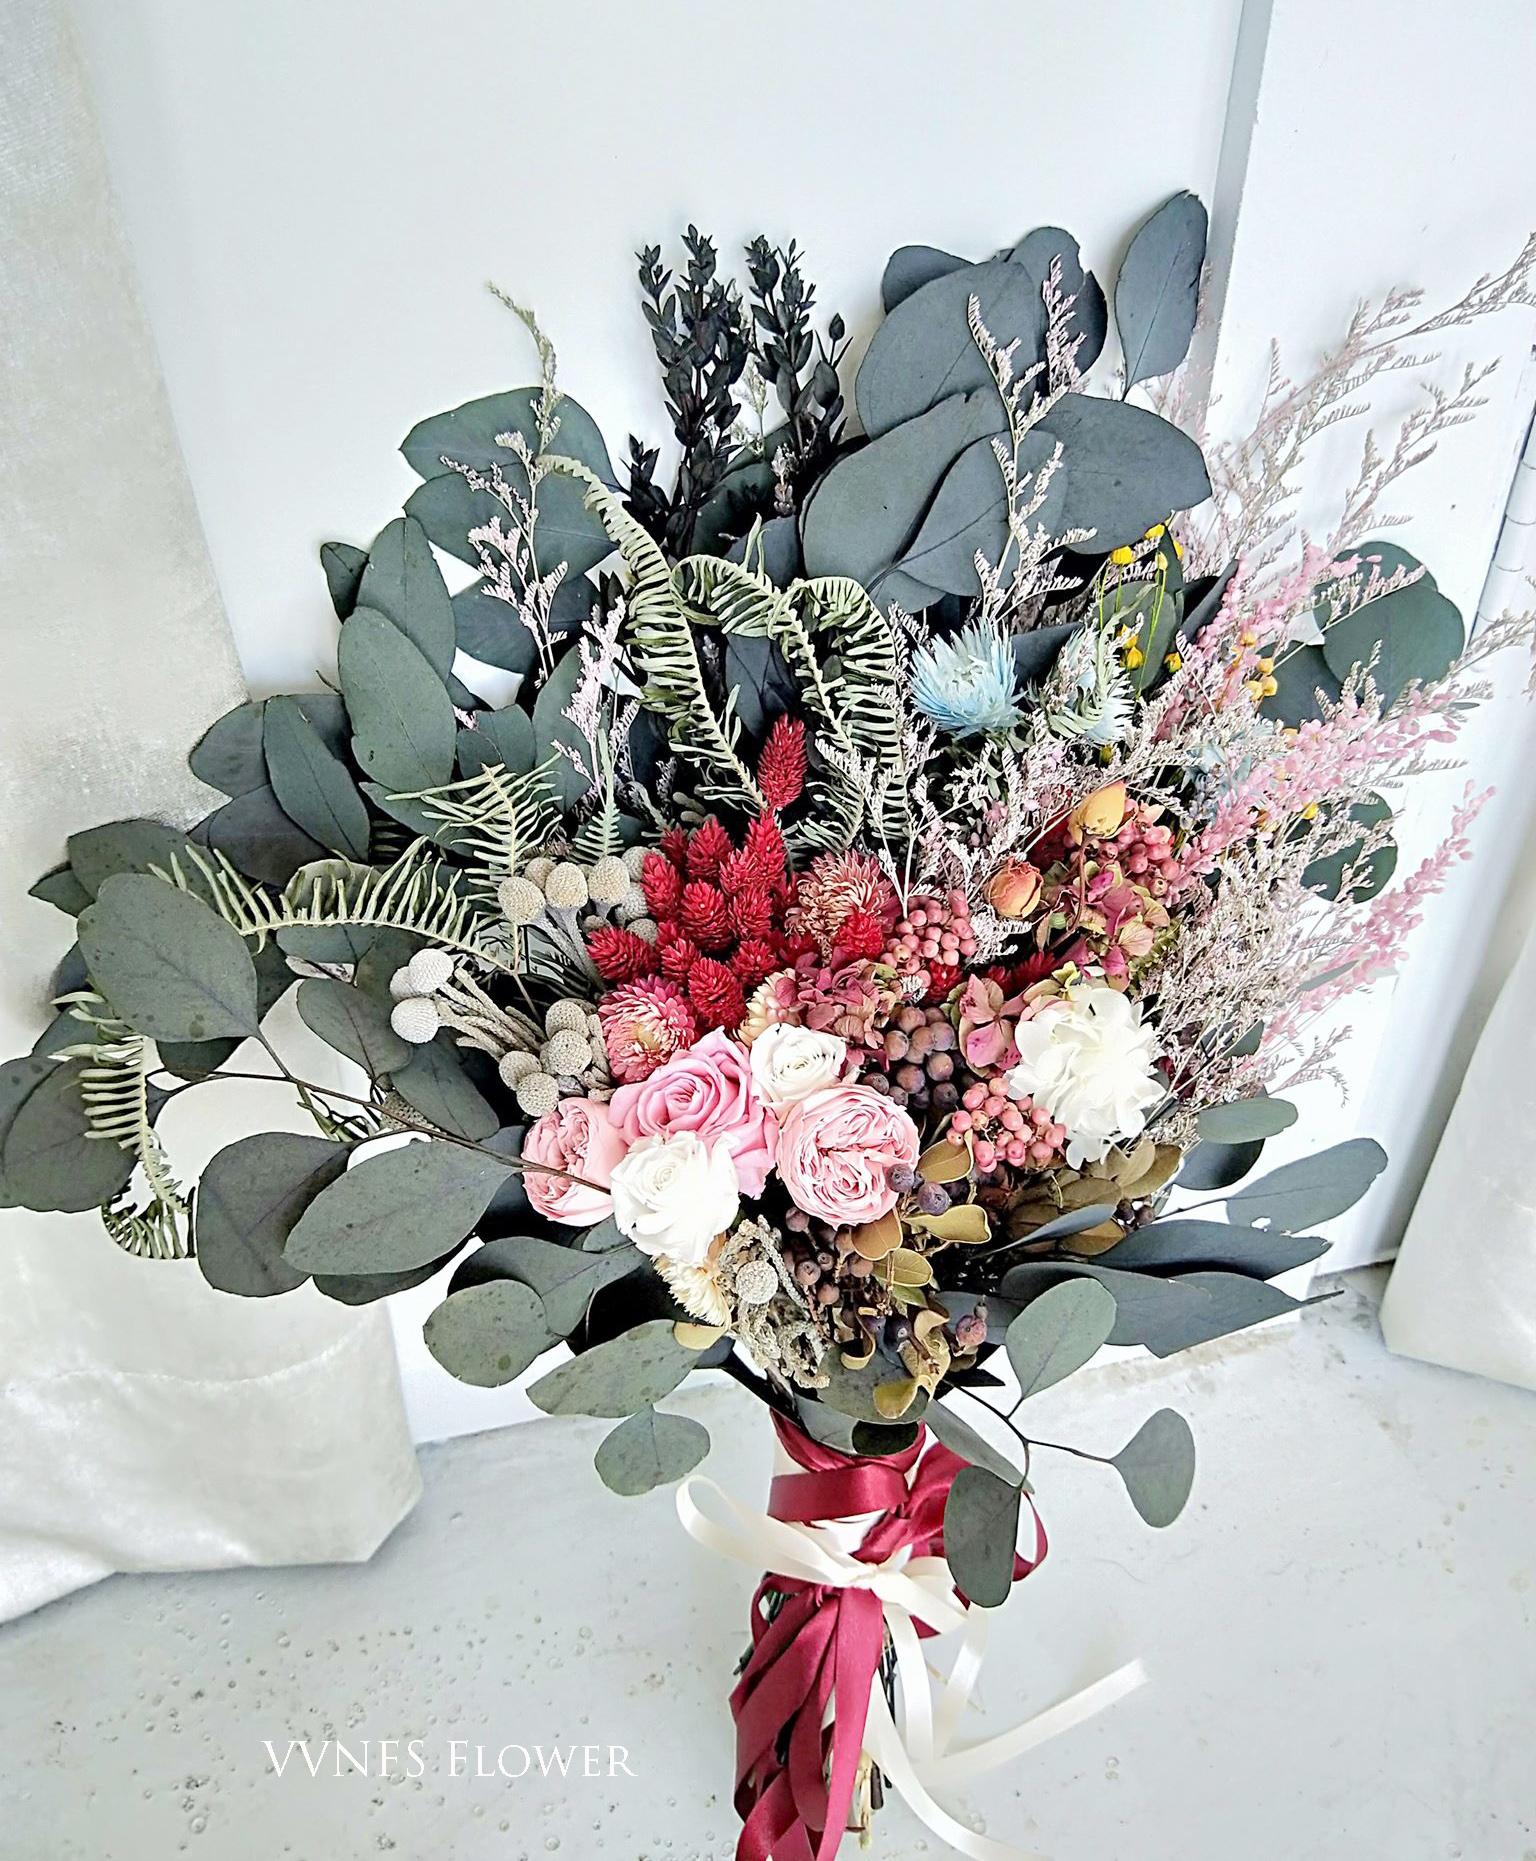 VVNFS Flower 23